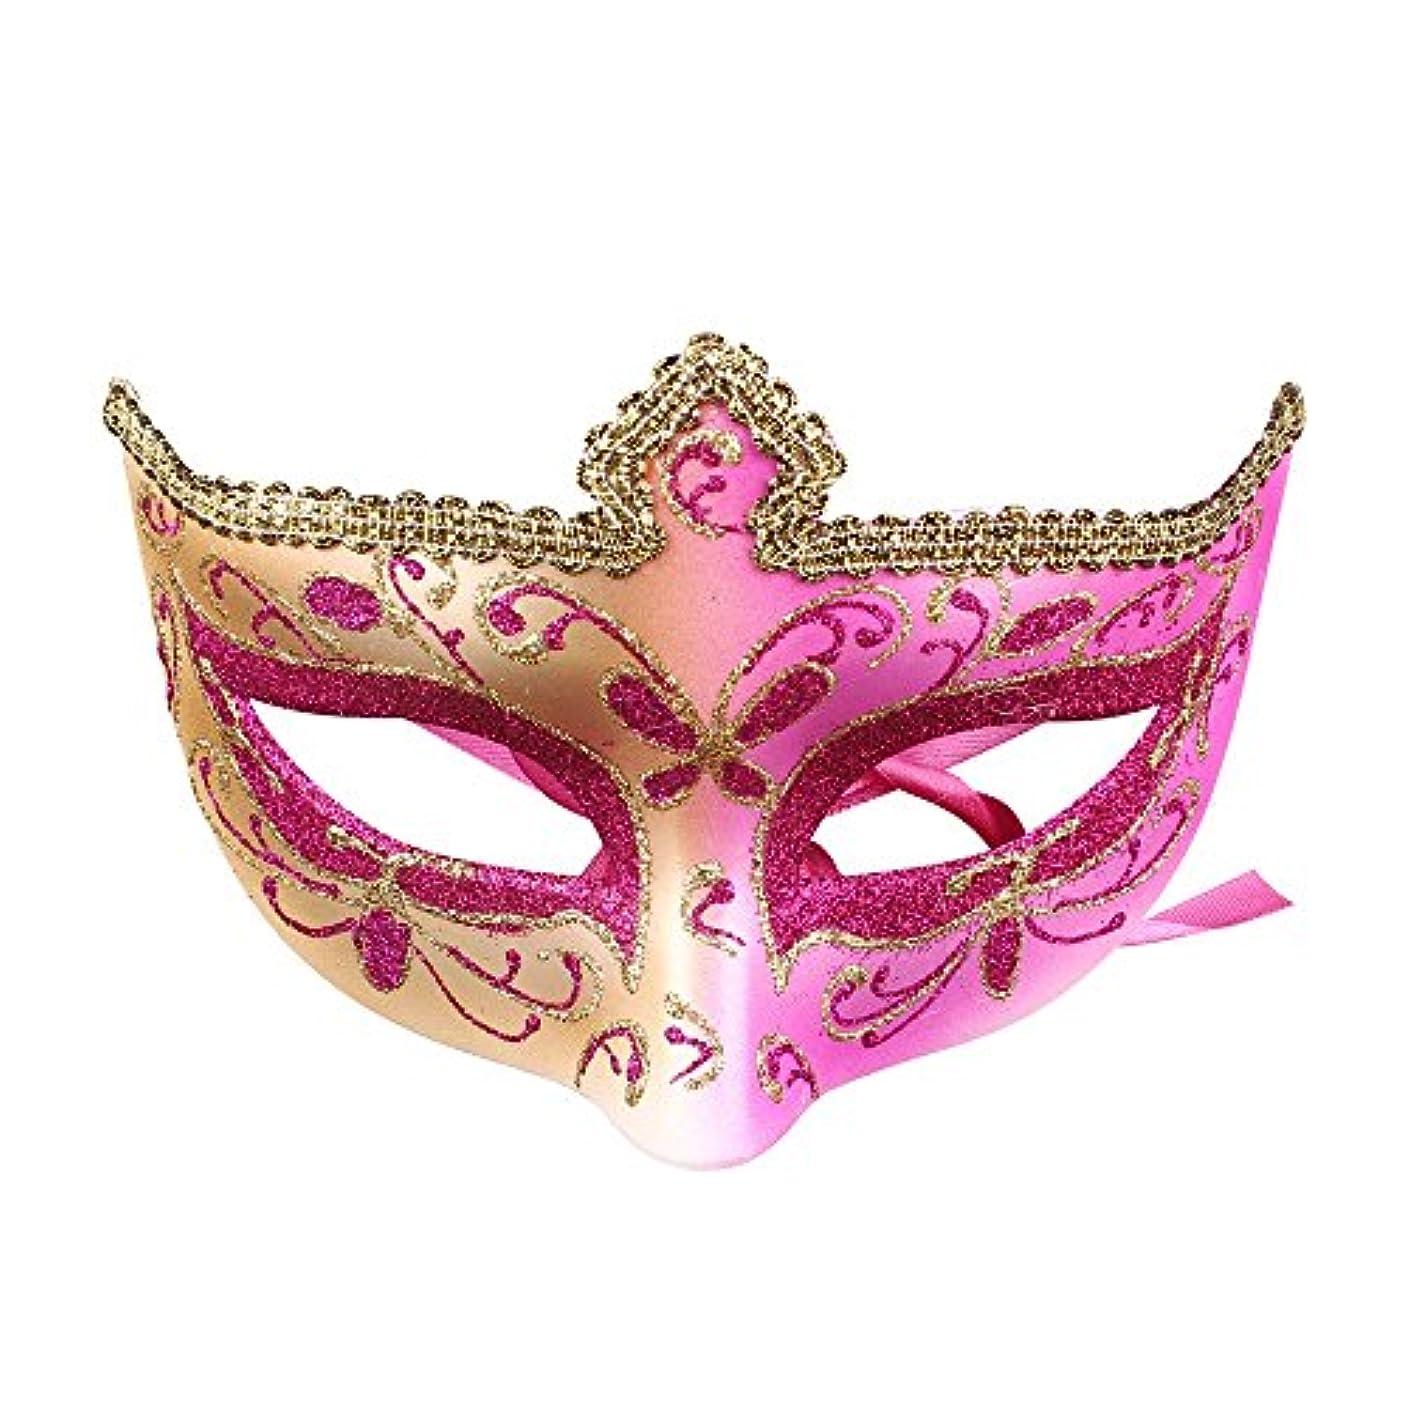 パッド項目手当クリエイティブ仮面舞??踏会レースマスク美容ハーフフェイス女性身に着けているマスクハロウィーン祭りパーティー用品 (Color : PURPLE)